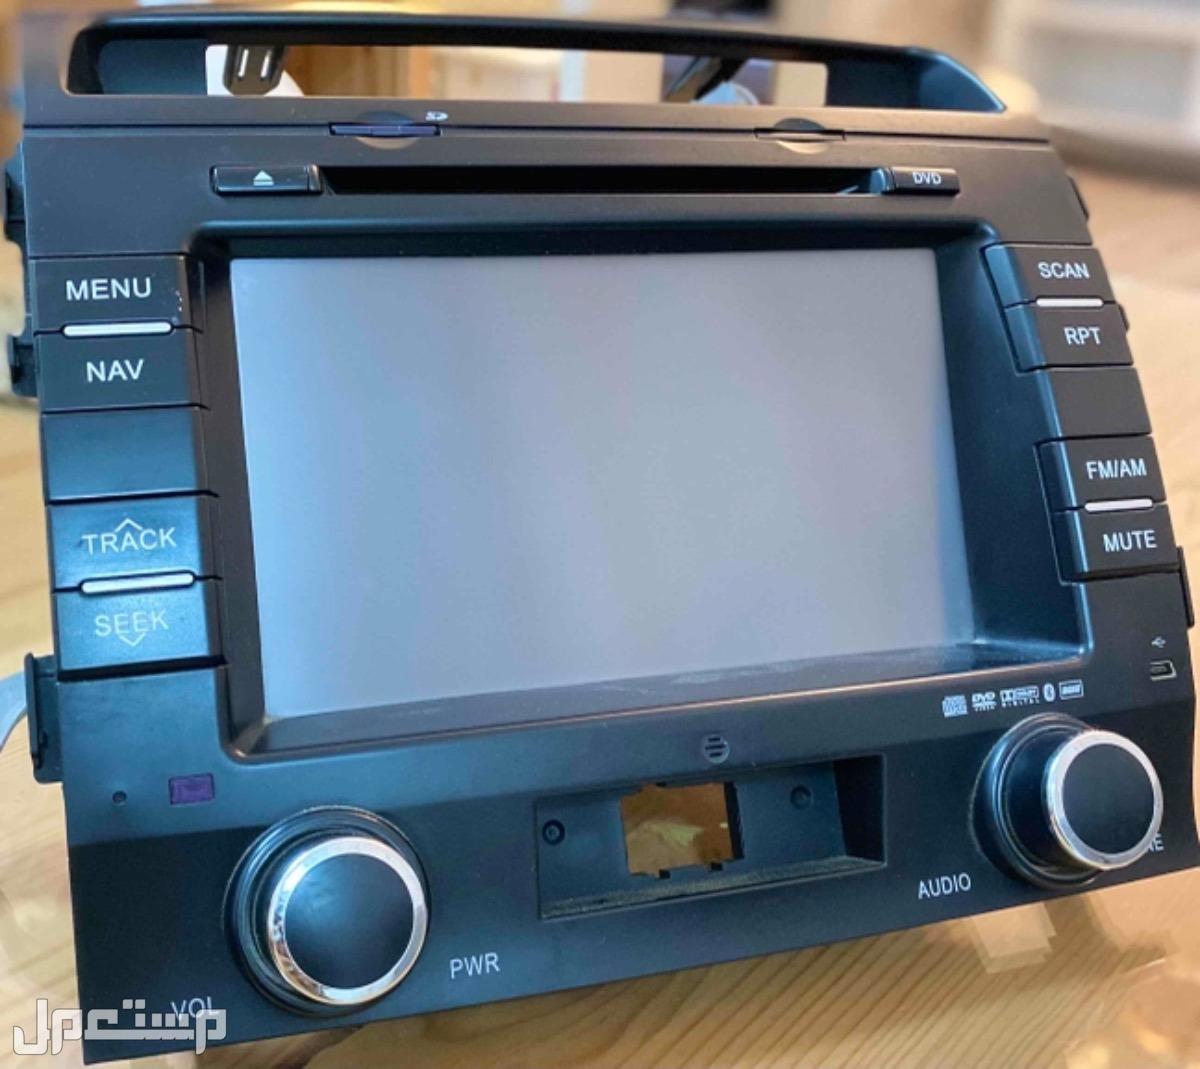 قطع GX-R 2012 شاشة و لمبة شاشة وكالة